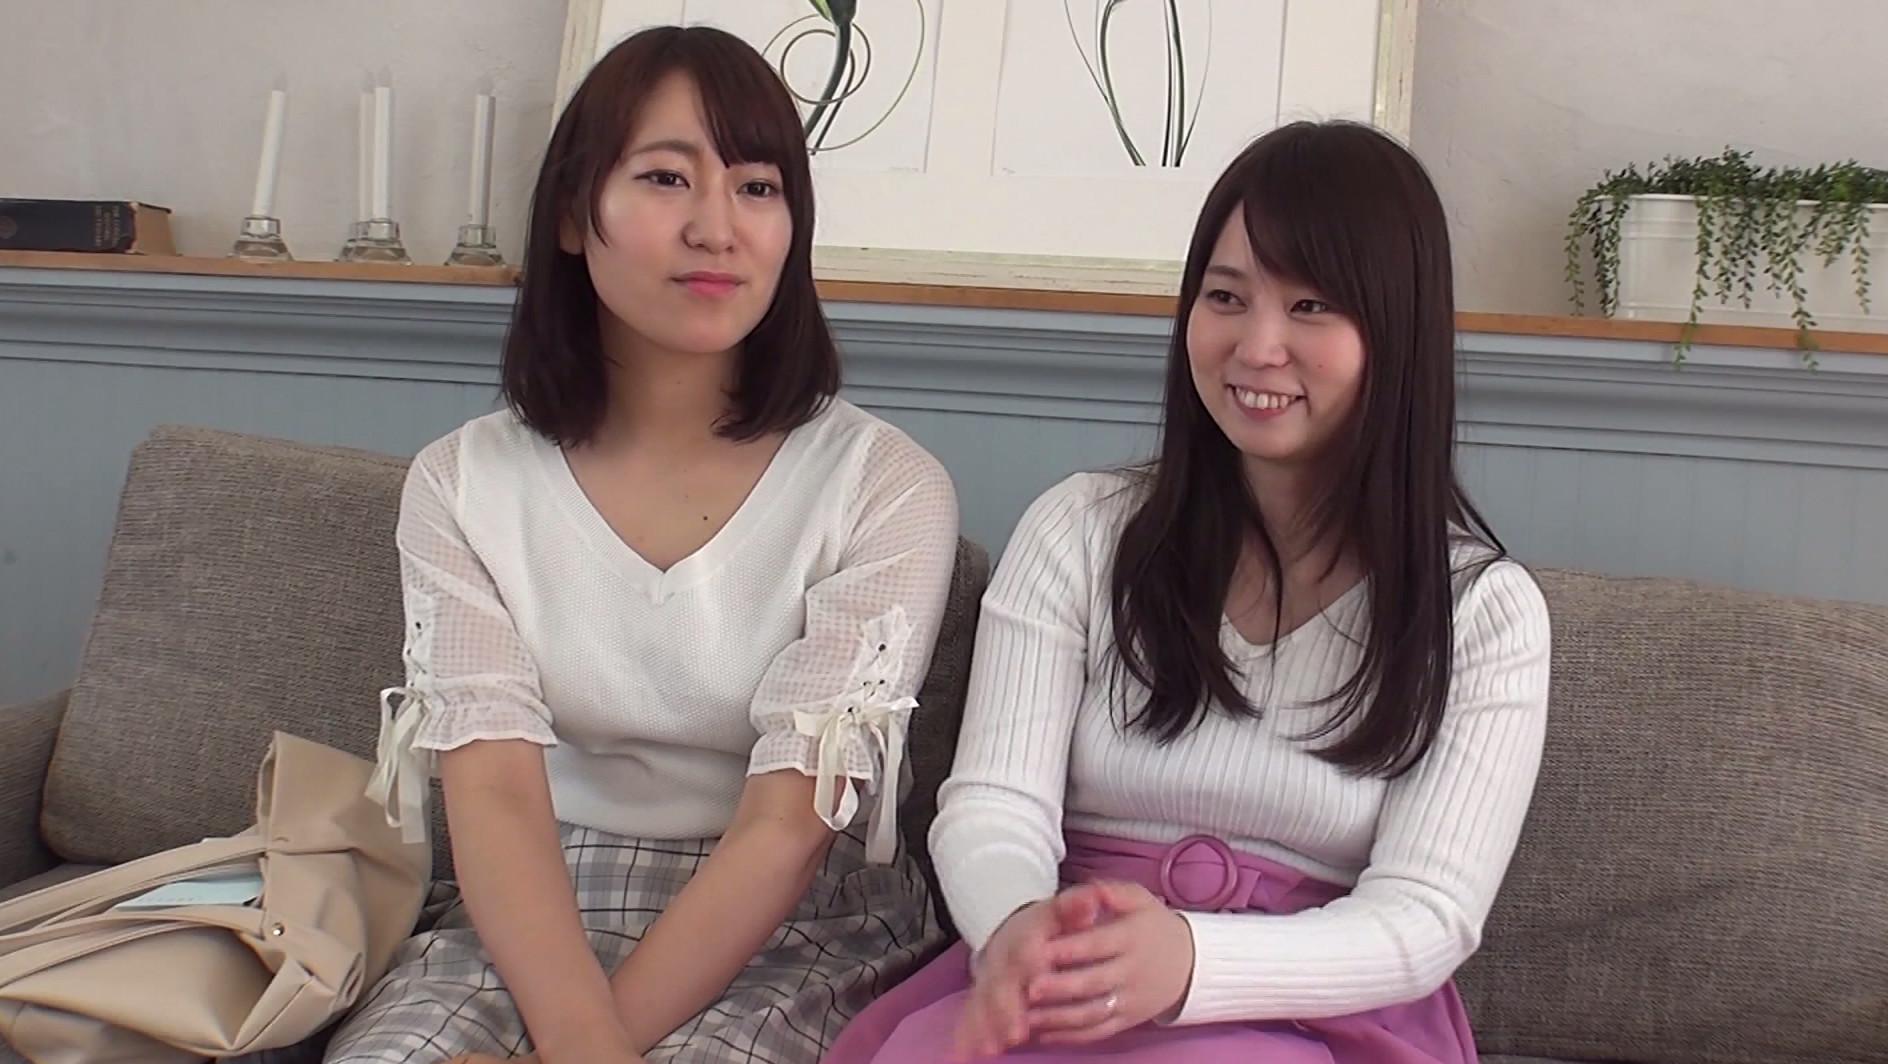 あかね・みなみ姉妹 画像2